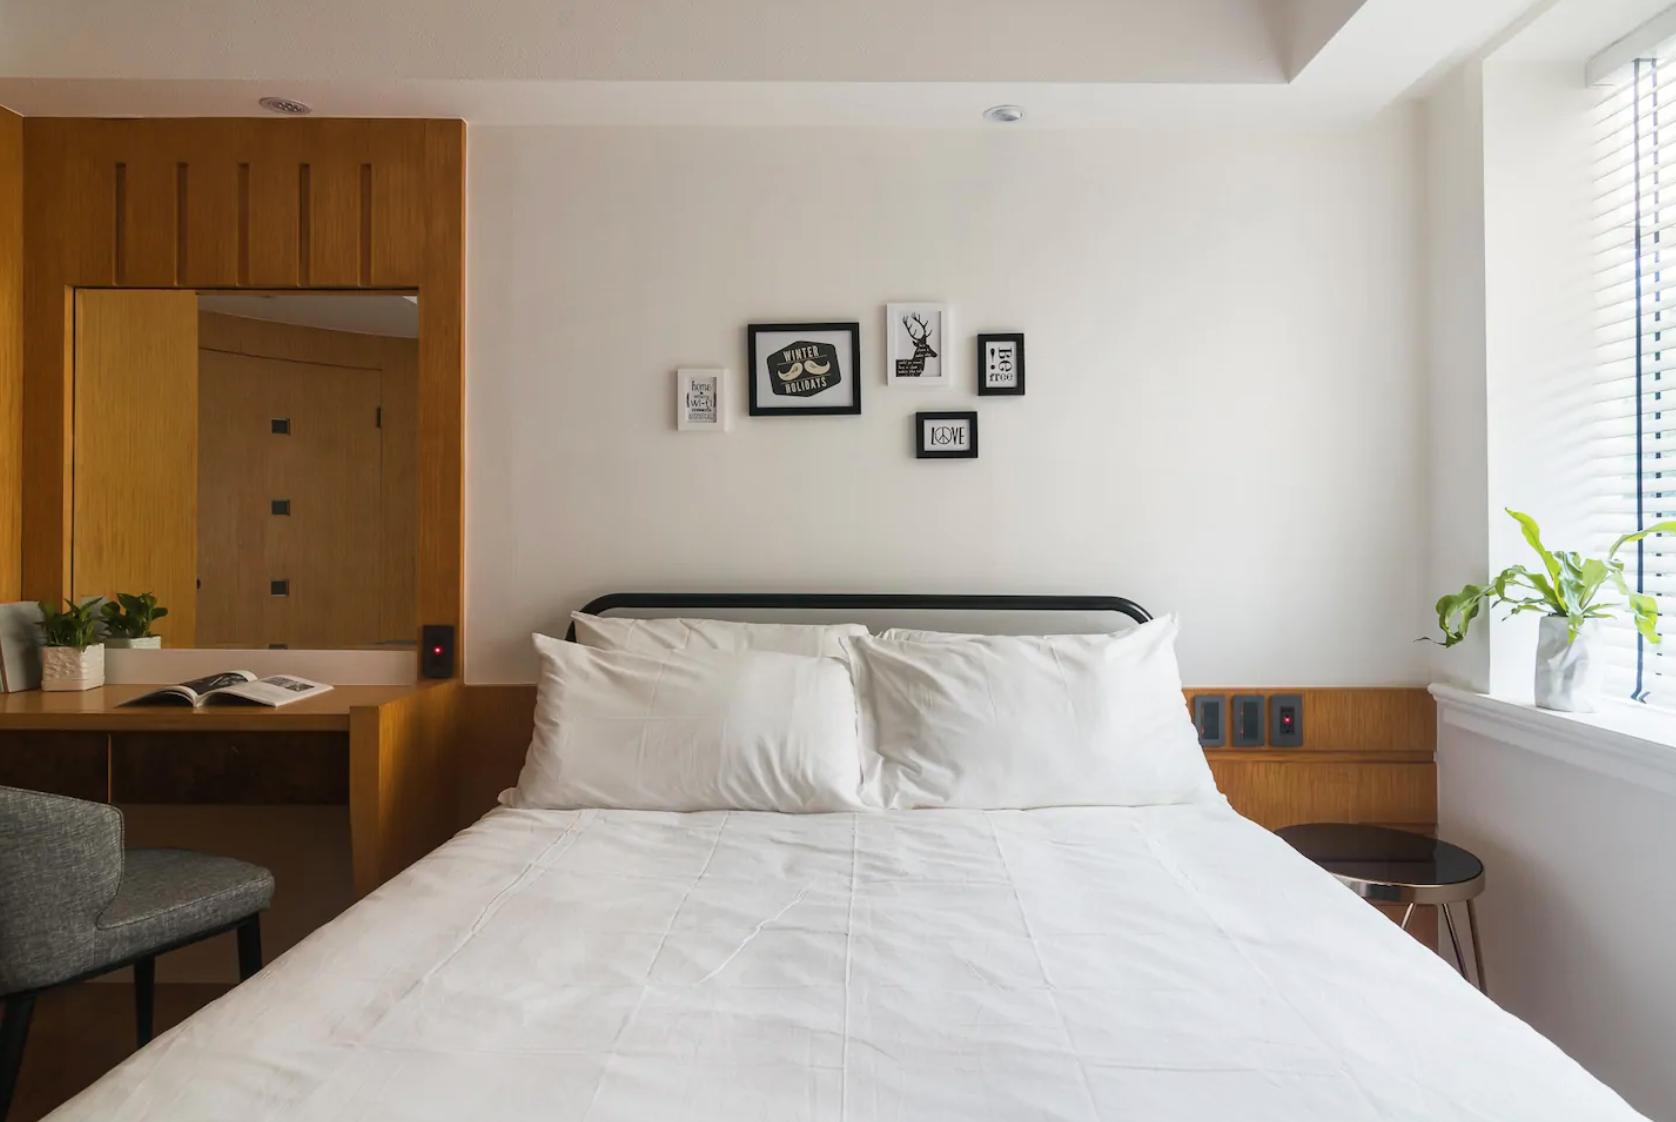 beautiful airbnb to stay in taipei, taiwan